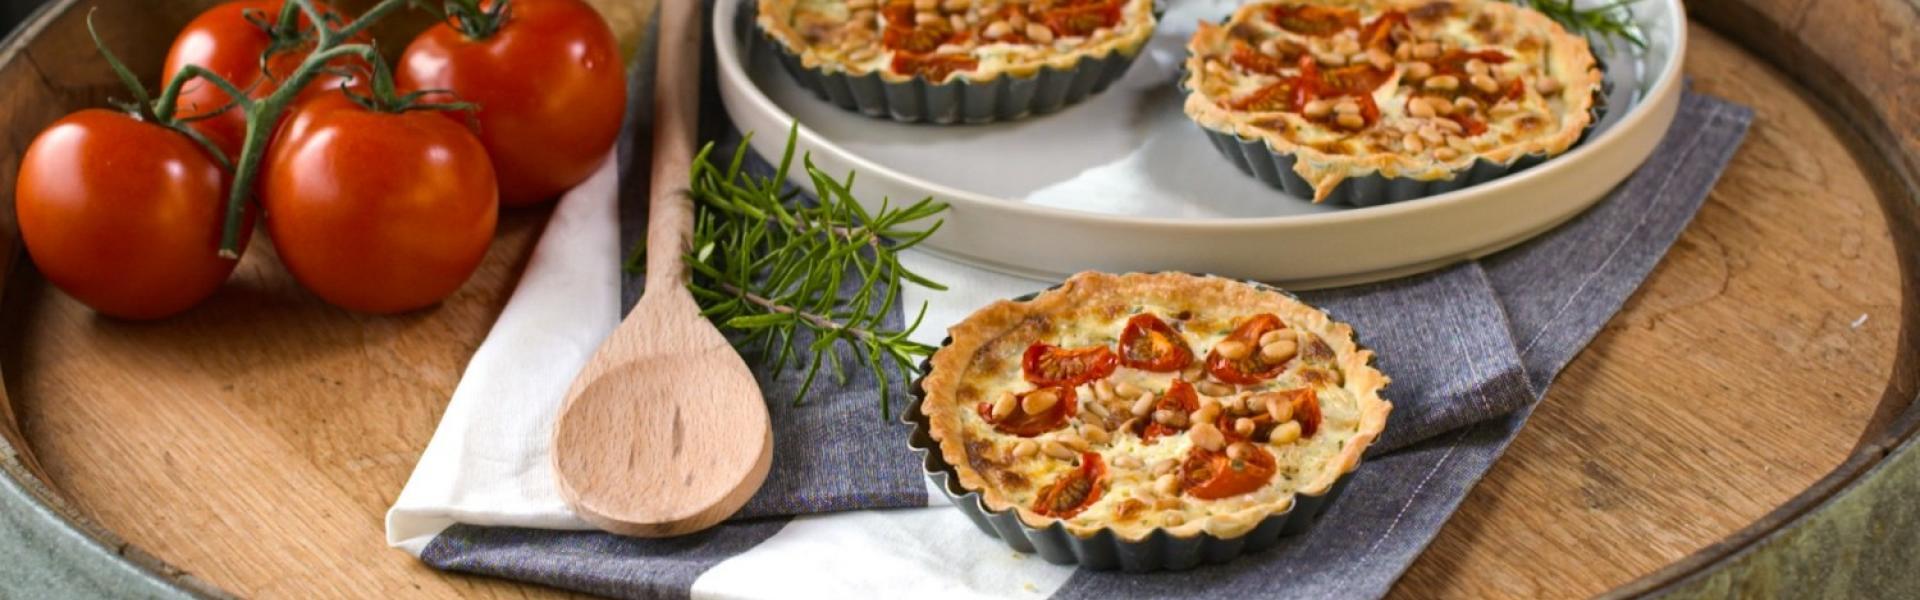 Drei kleine Tomatentartes mit Pinienkernen auf Teller und Holztisch.